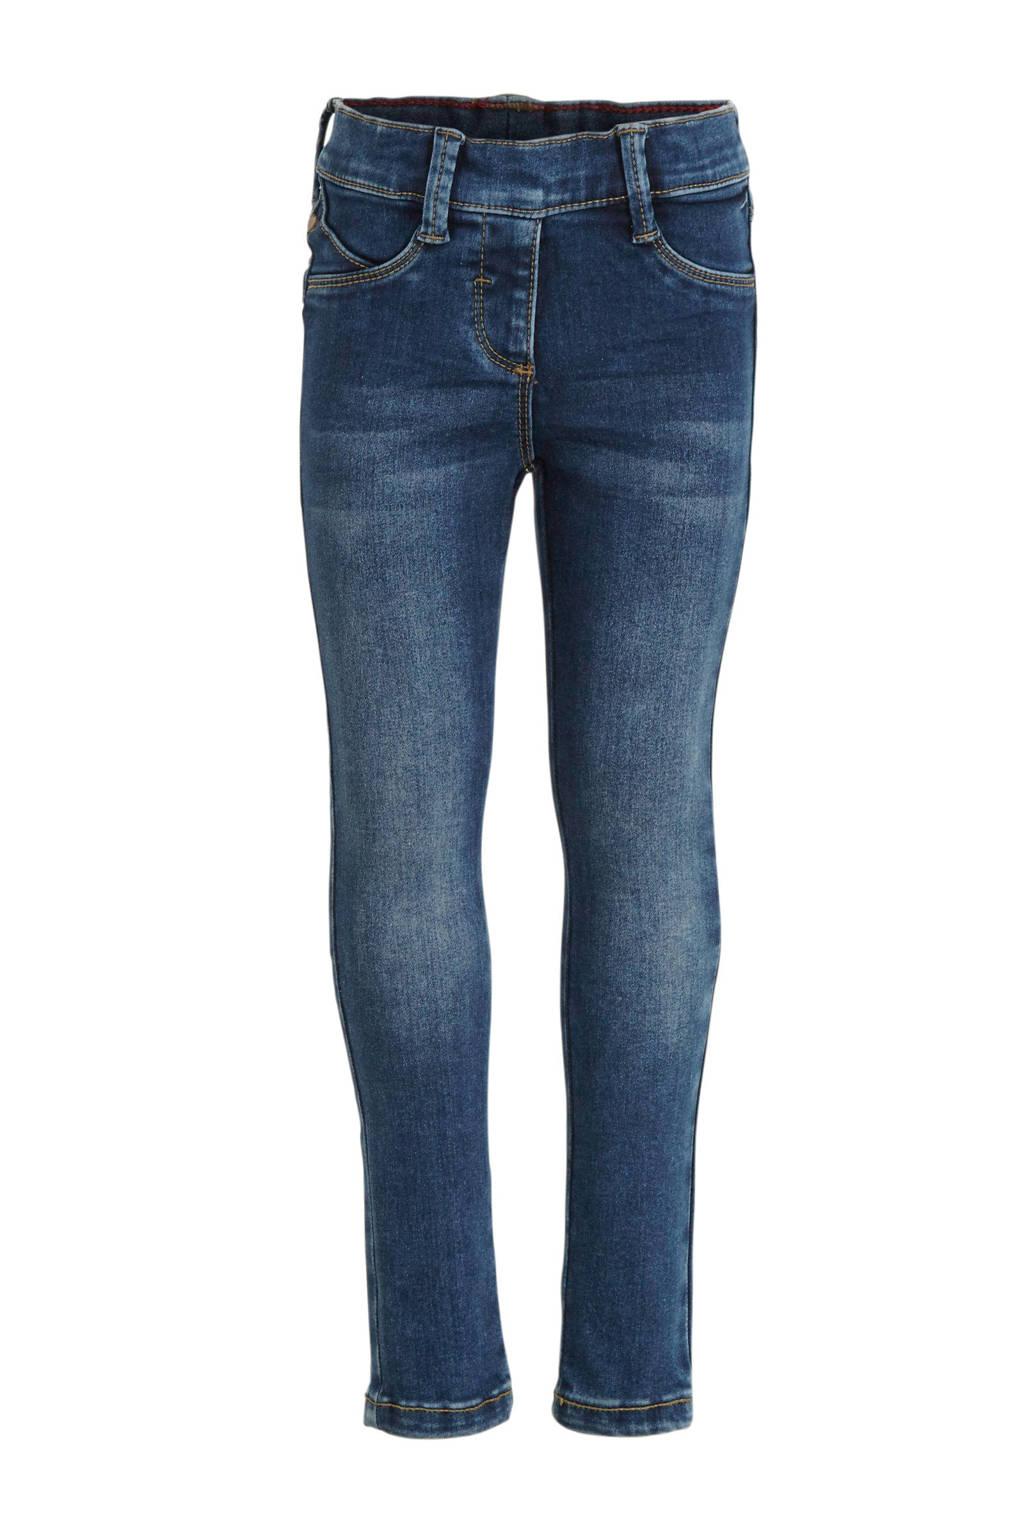 s.Oliver skinny jeans dark denim, Dark denim